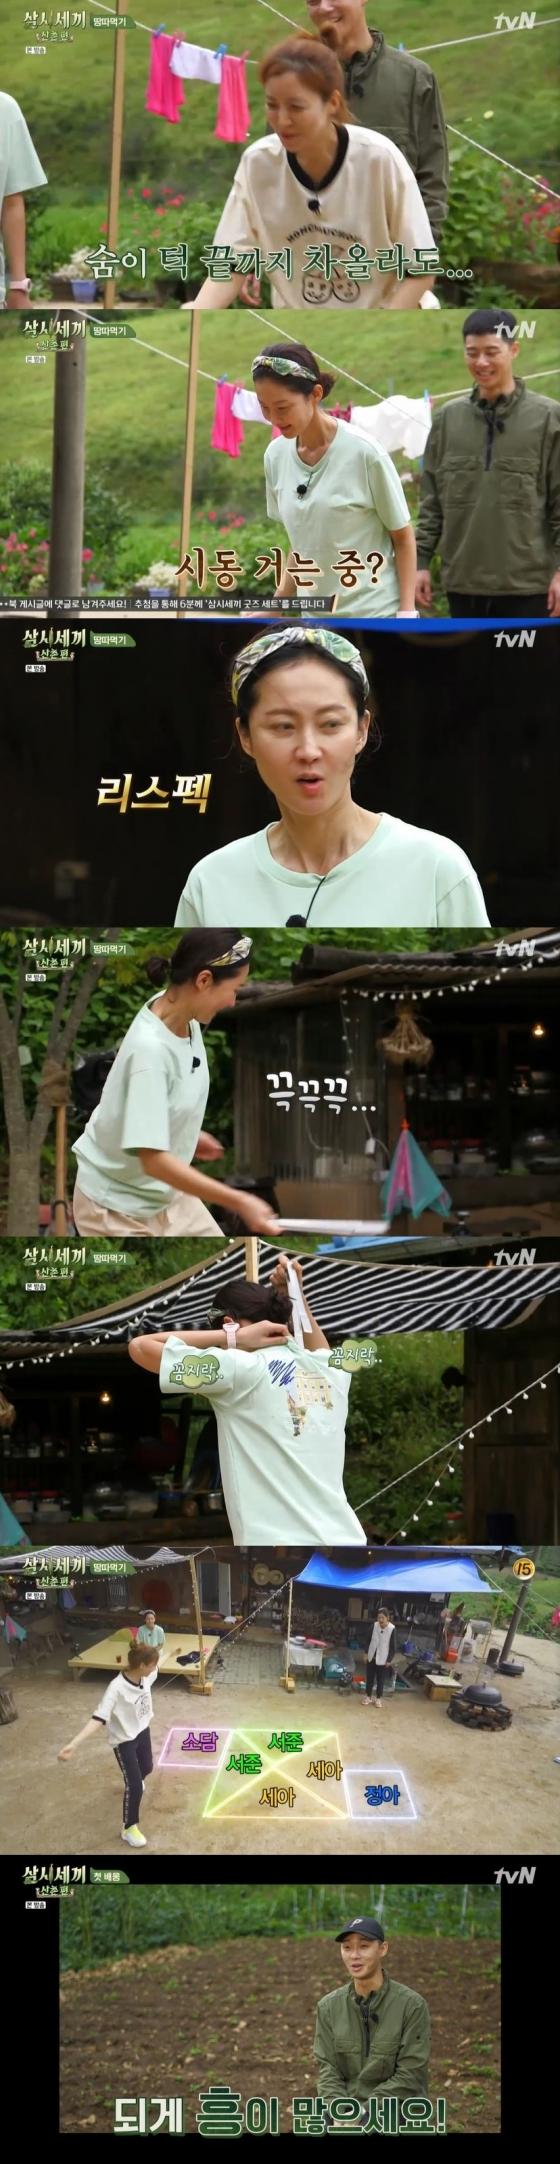 /사진=tvN 예능 프로그램 '삼시세끼 산촌편' 캡처